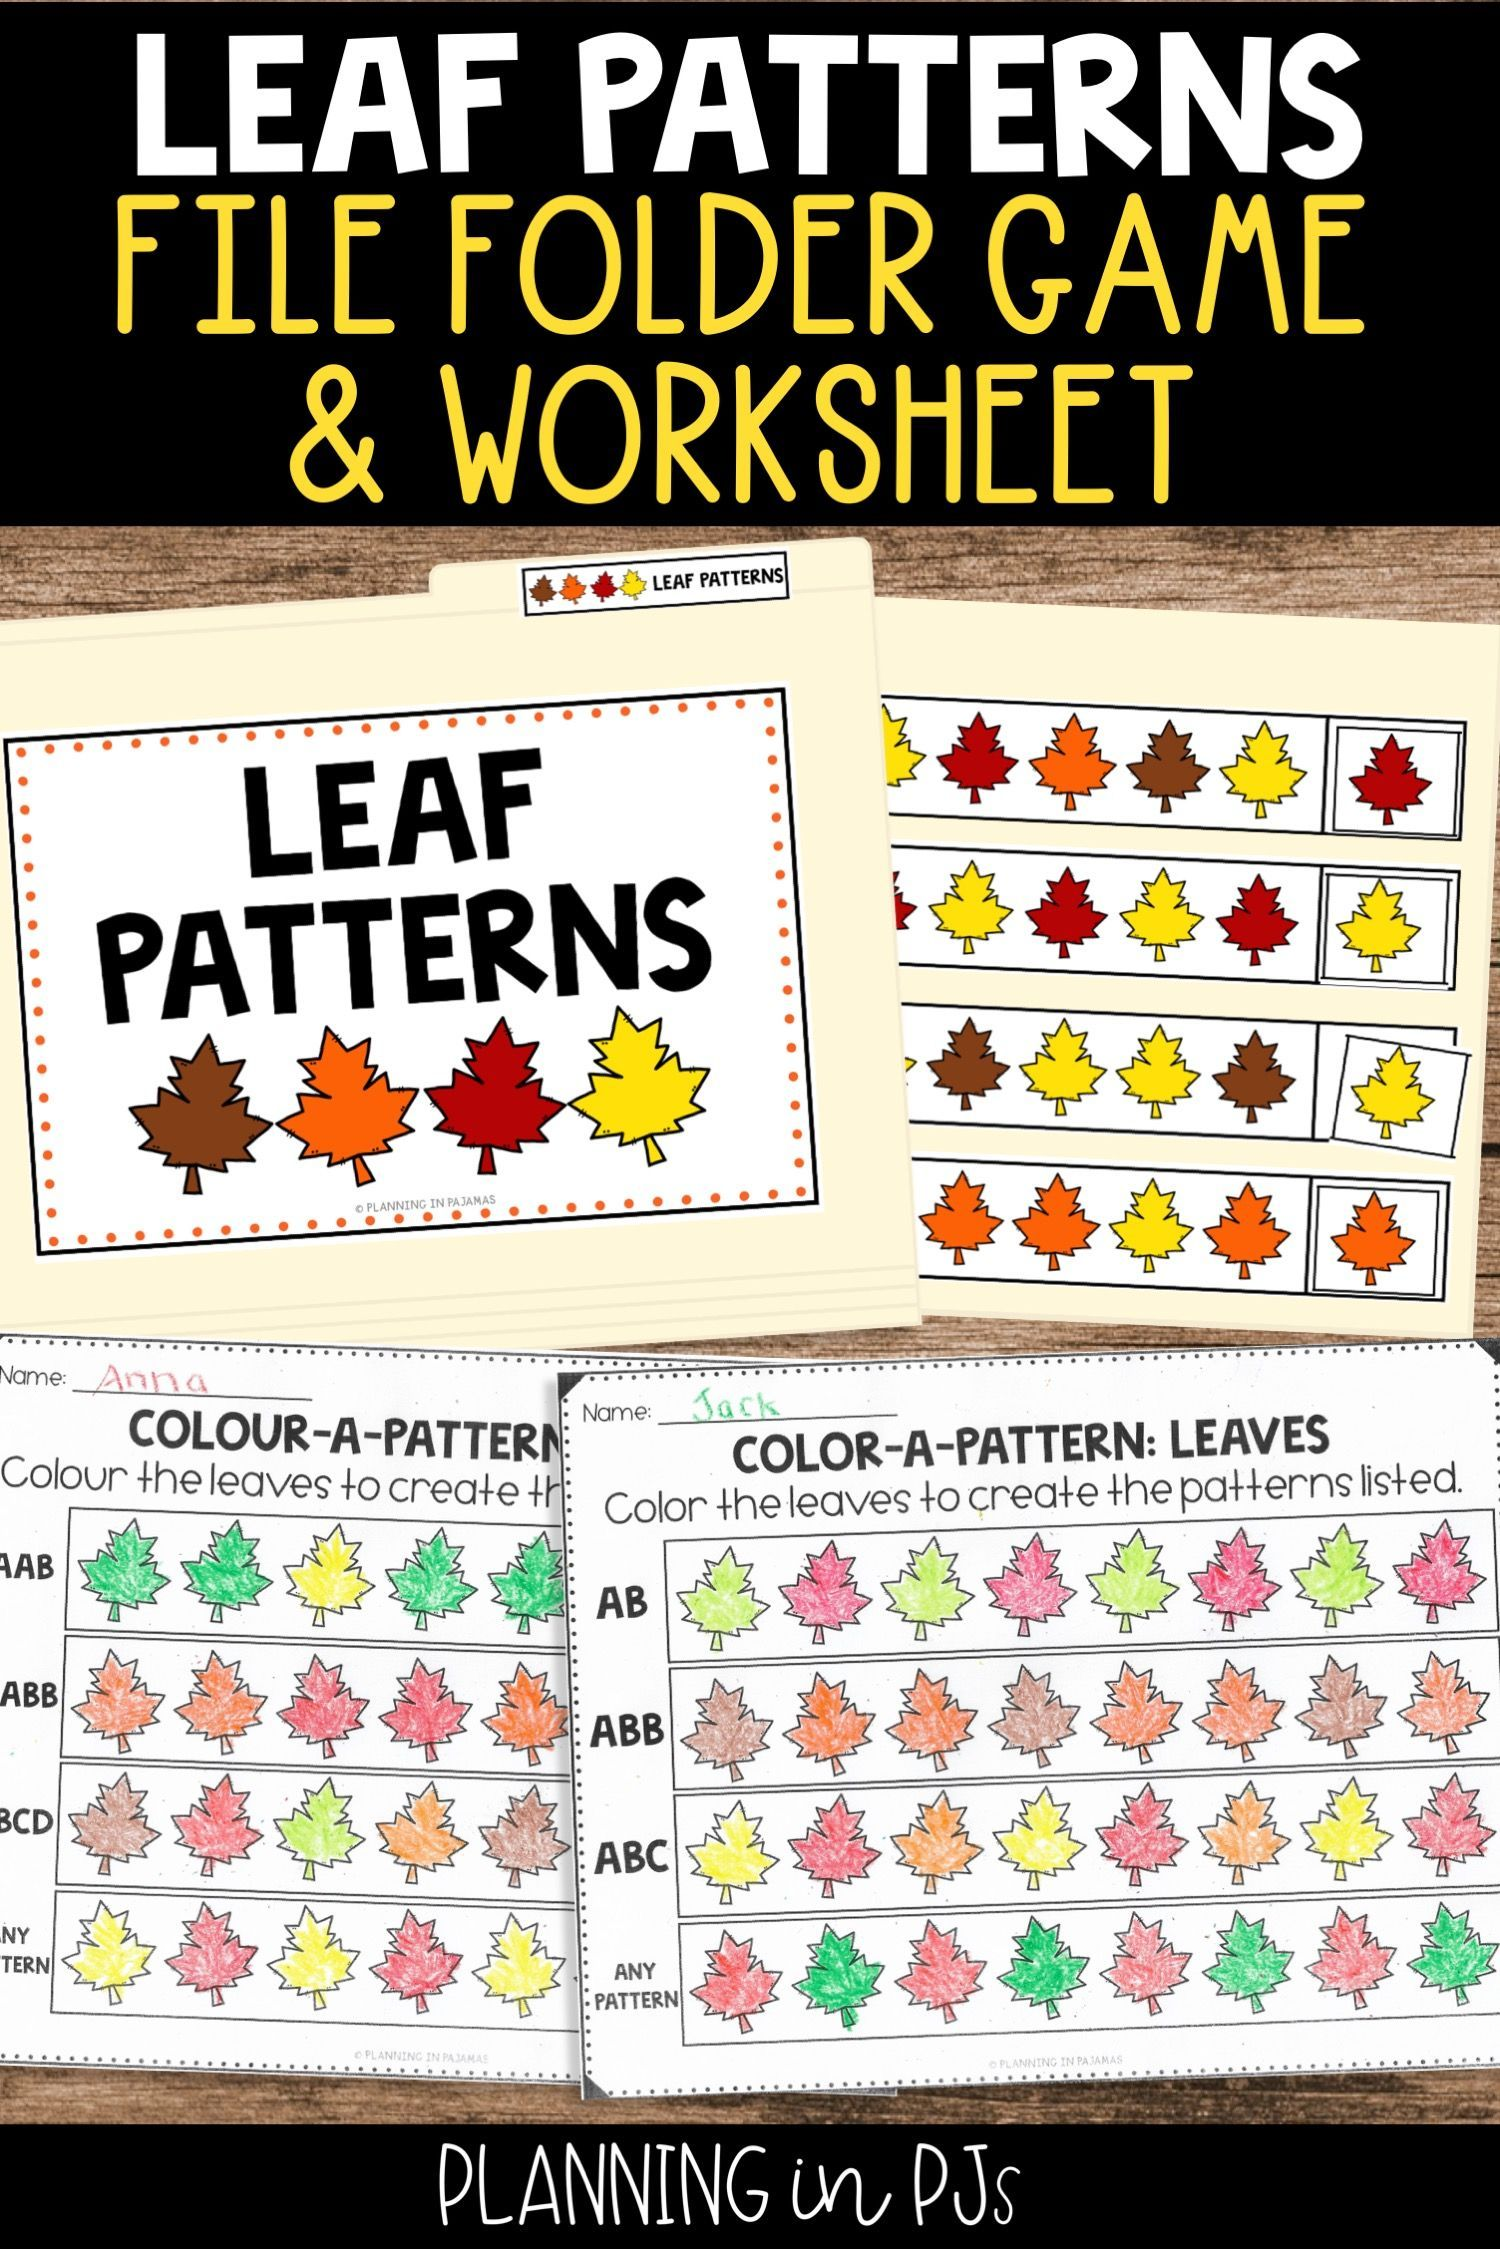 Leaf Patterns Worksheets File Folder Game